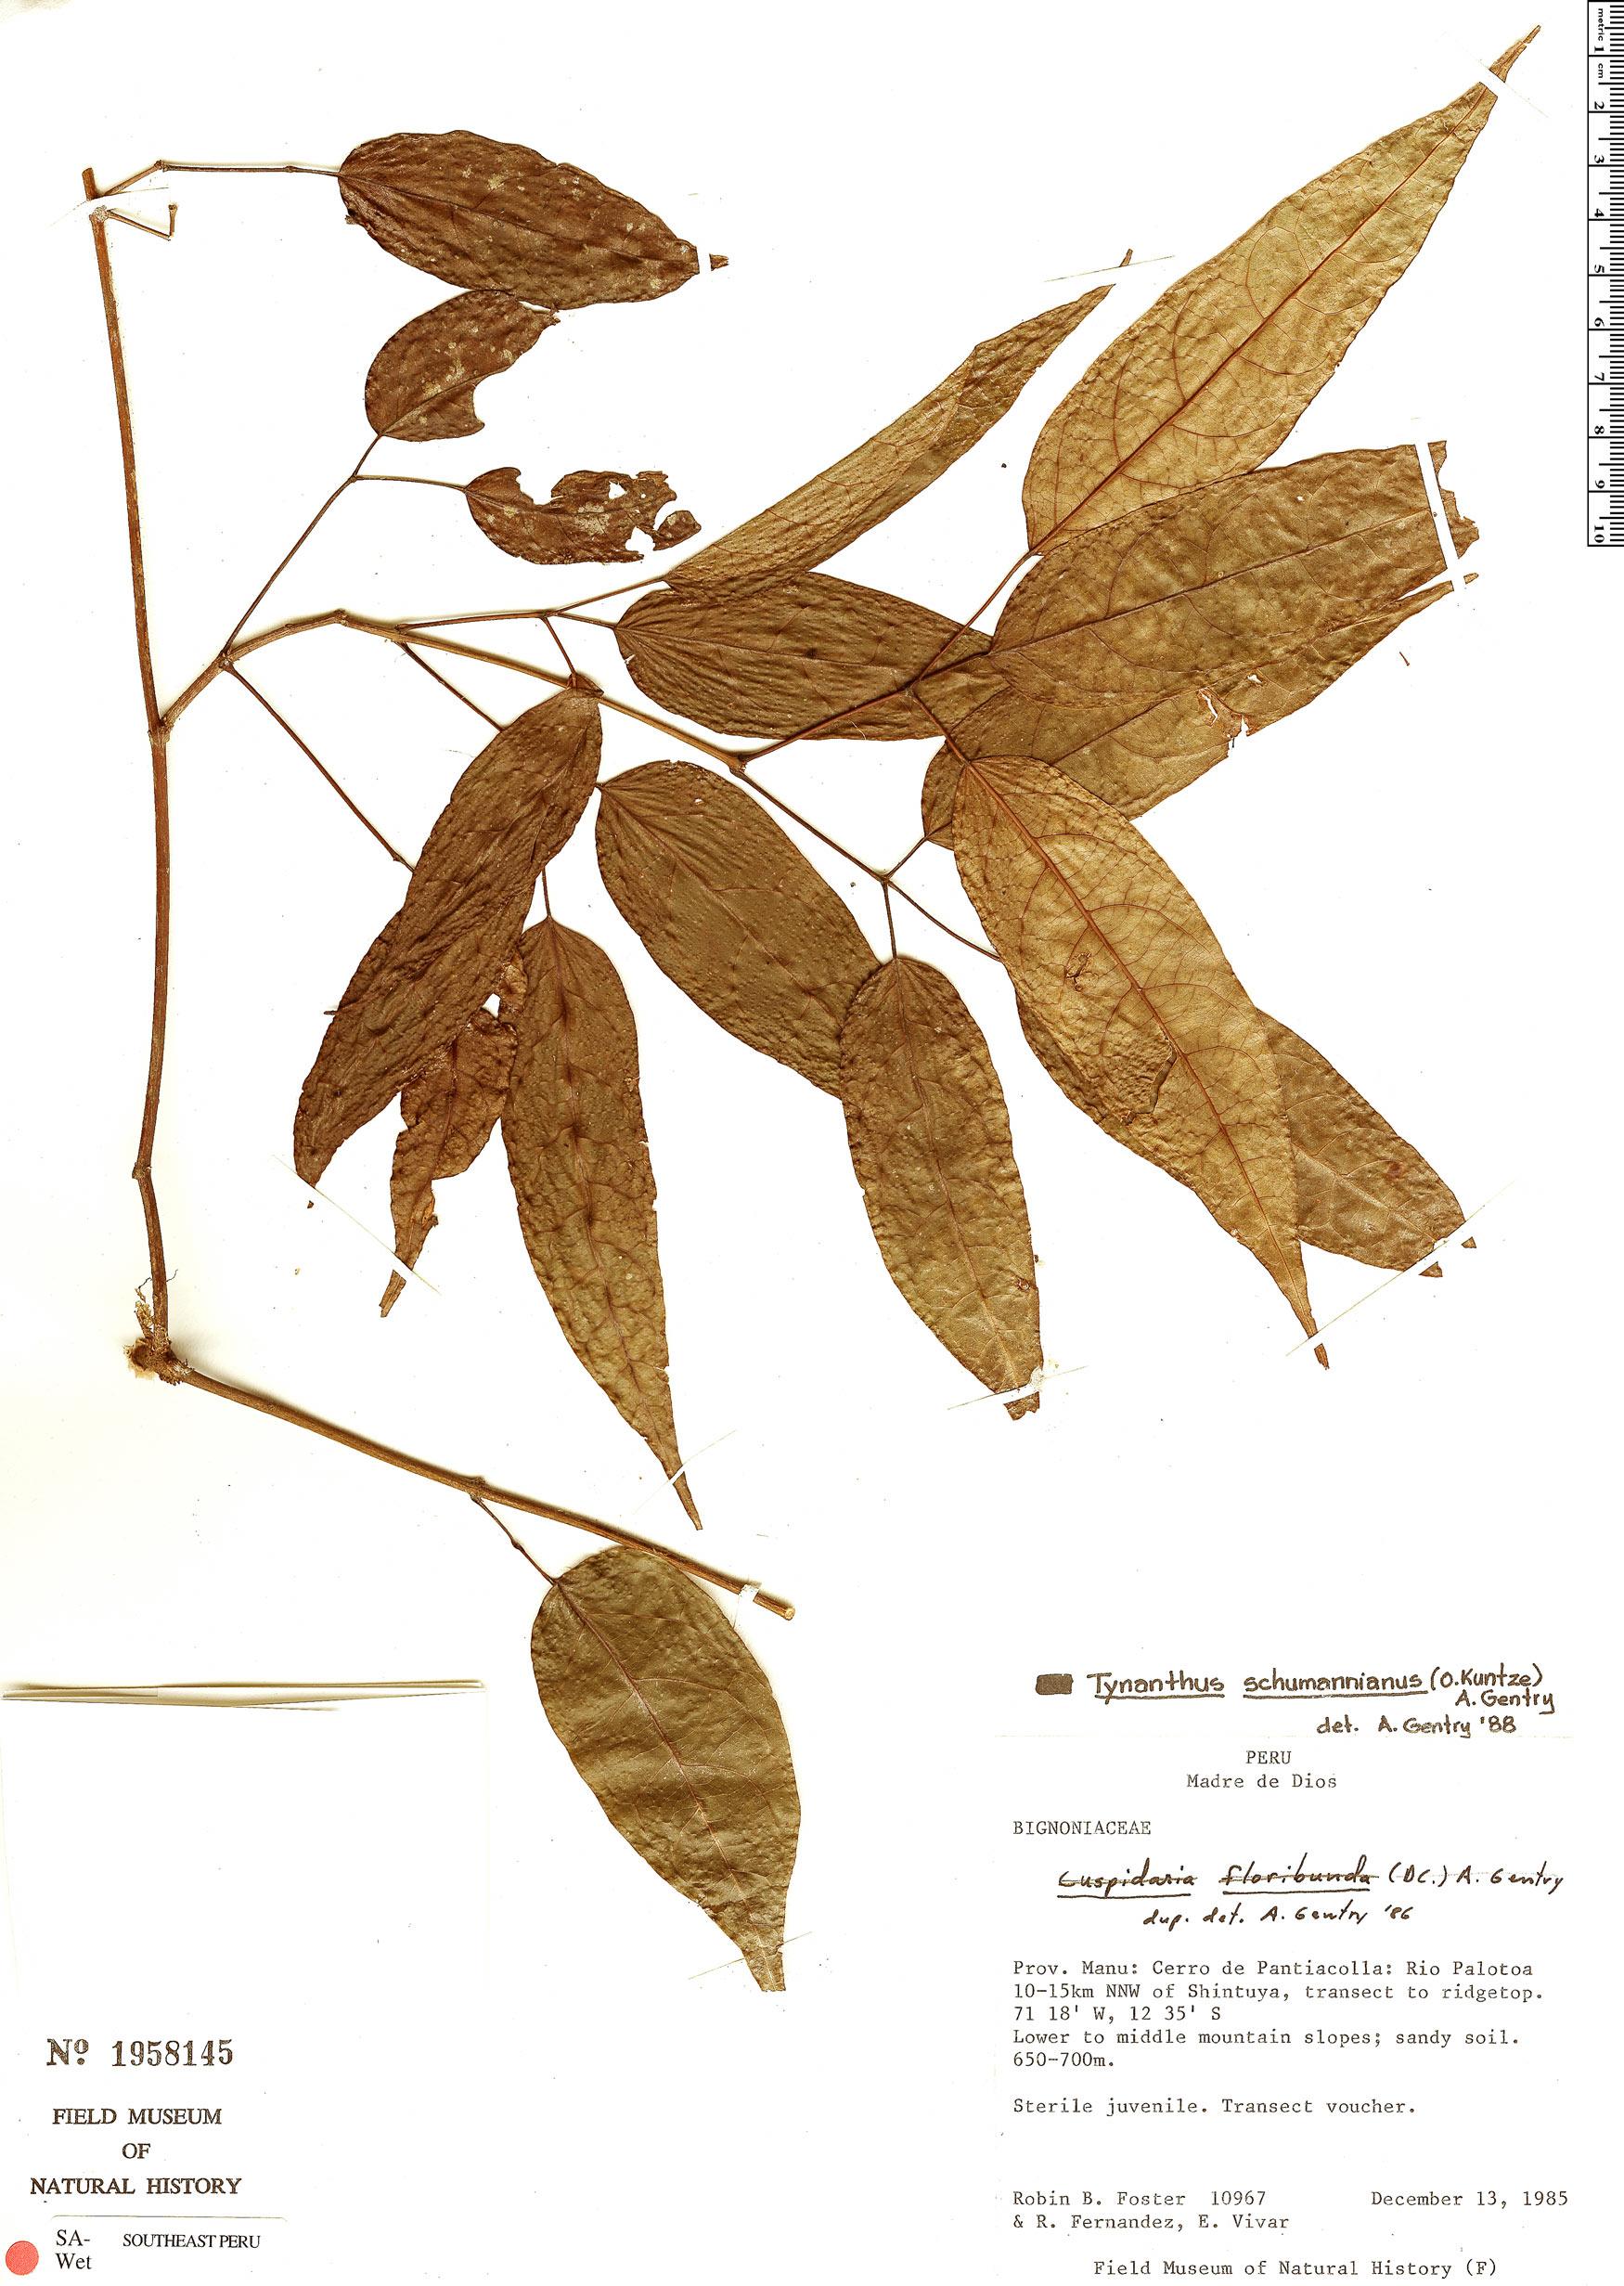 Specimen: Tynanthus schumannianus